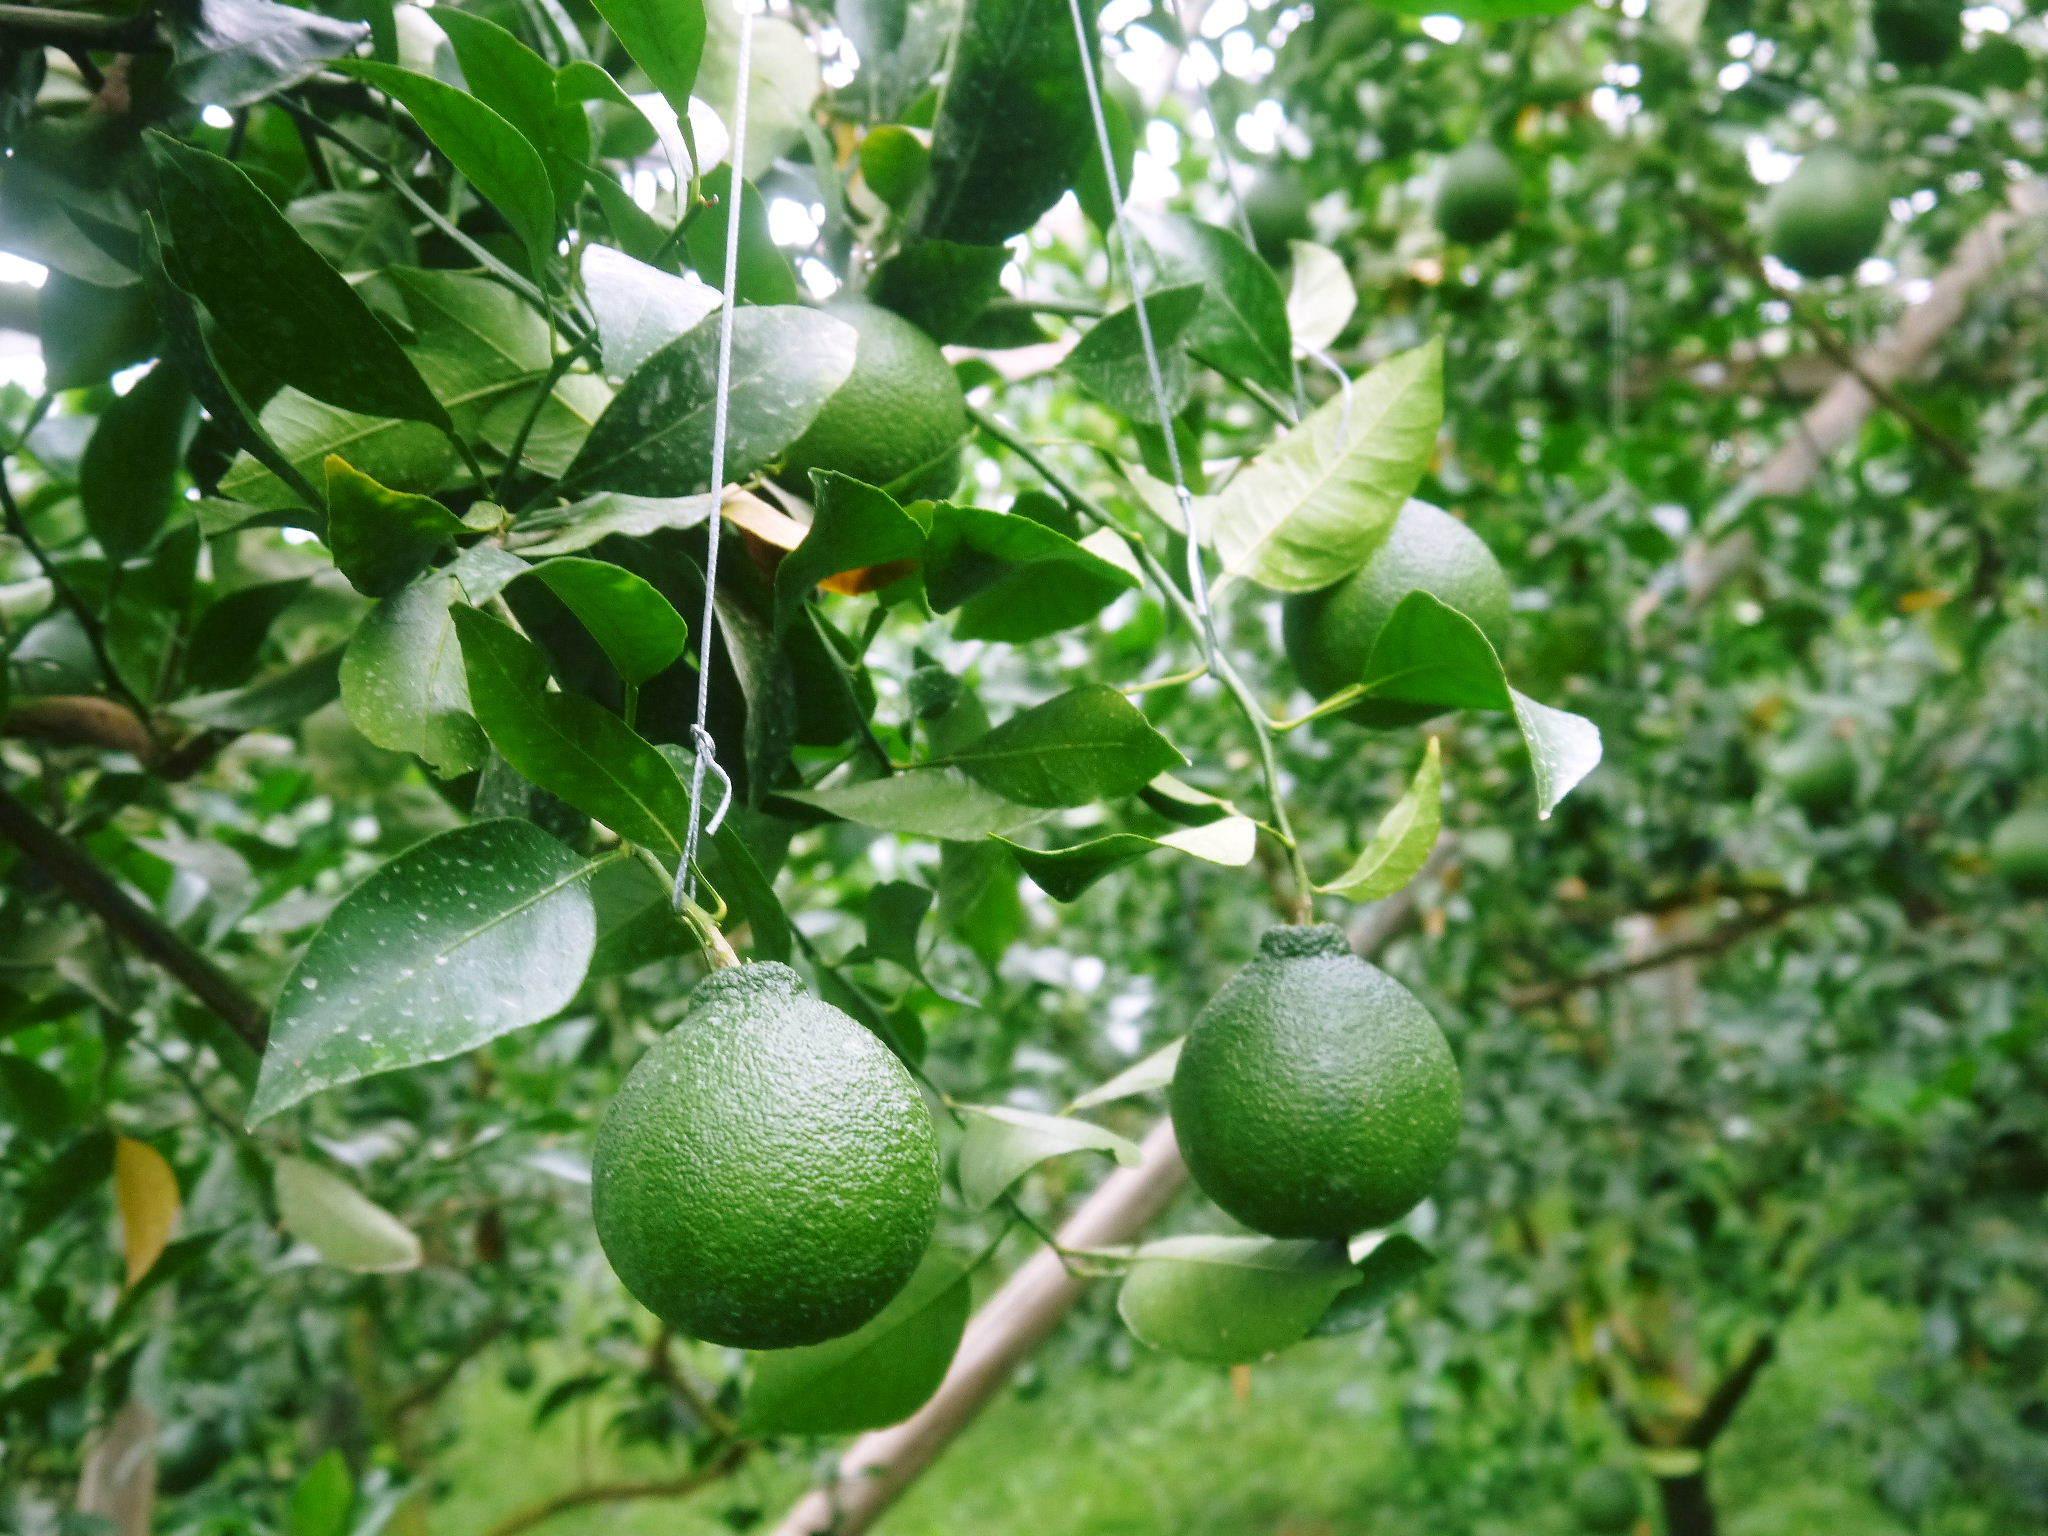 デコポン(肥後ポン) 果実の成長の様子(2021) 来年の花芽となる夏芽も元気に育っています!(前編) _a0254656_18493911.jpg